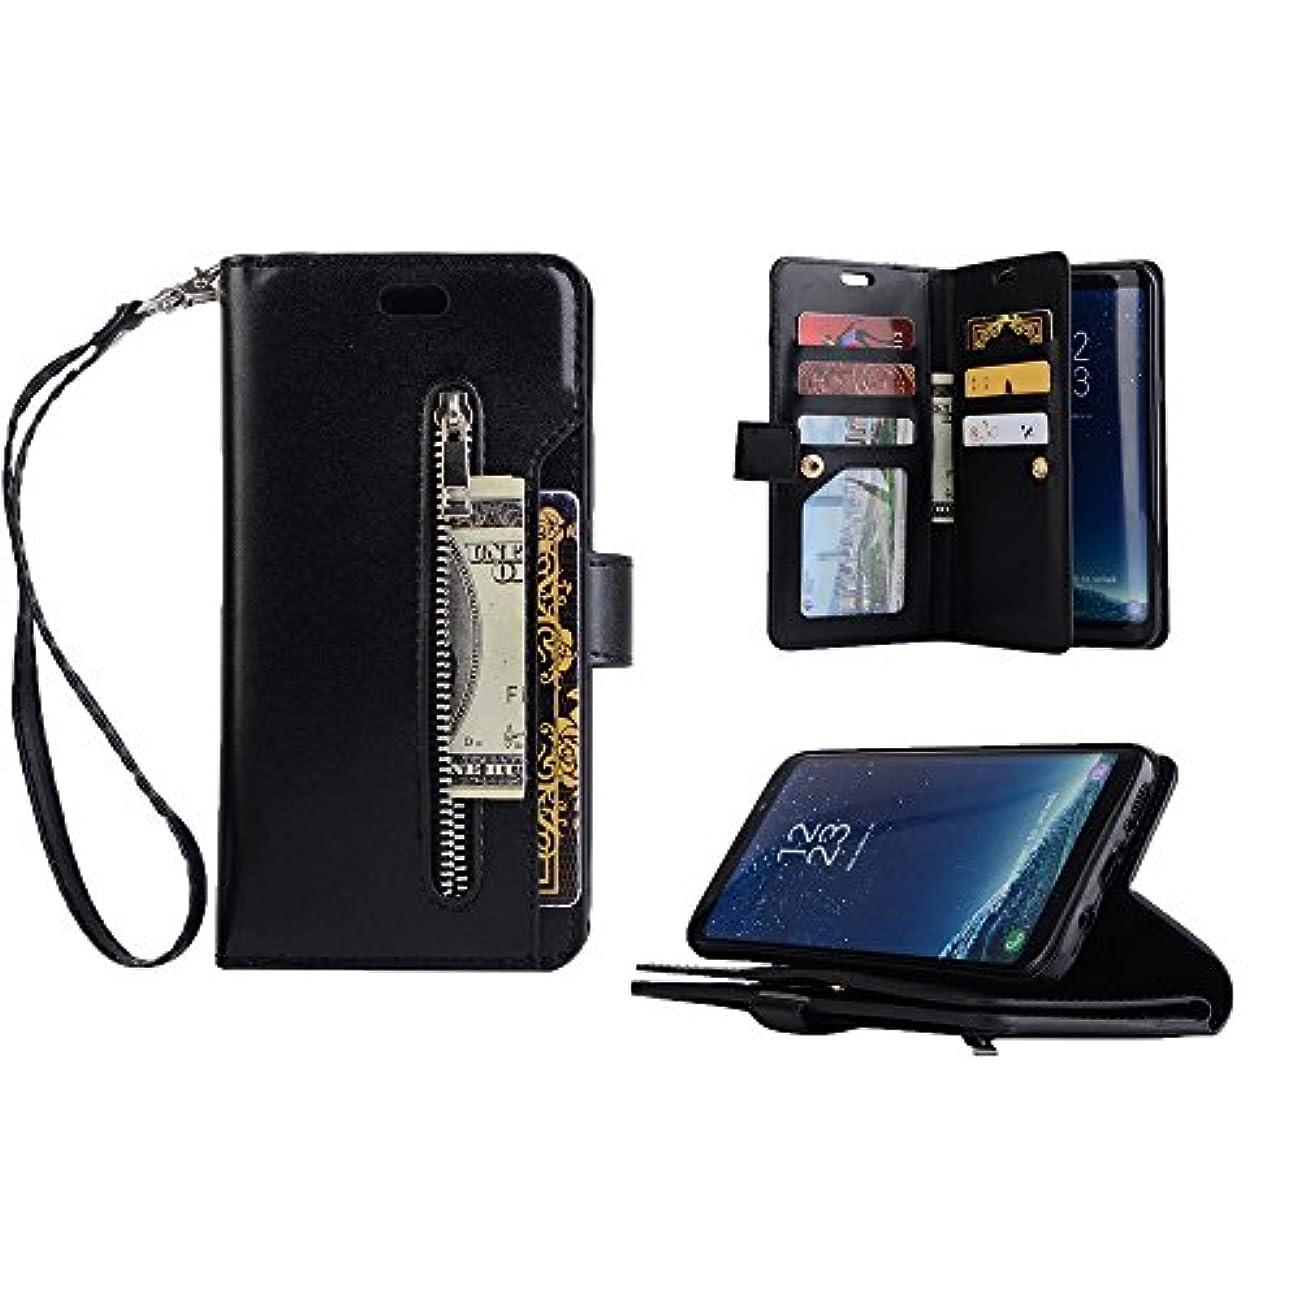 見物人和解する精神医学Galaxy S8 Plus おしゃれカバー PUレザー カード収納 スタンド機能 ストラップ付き 手帳型ケース ギャラクシー S8 Plus対応 ブラックメンズ かっこいい ビジネス